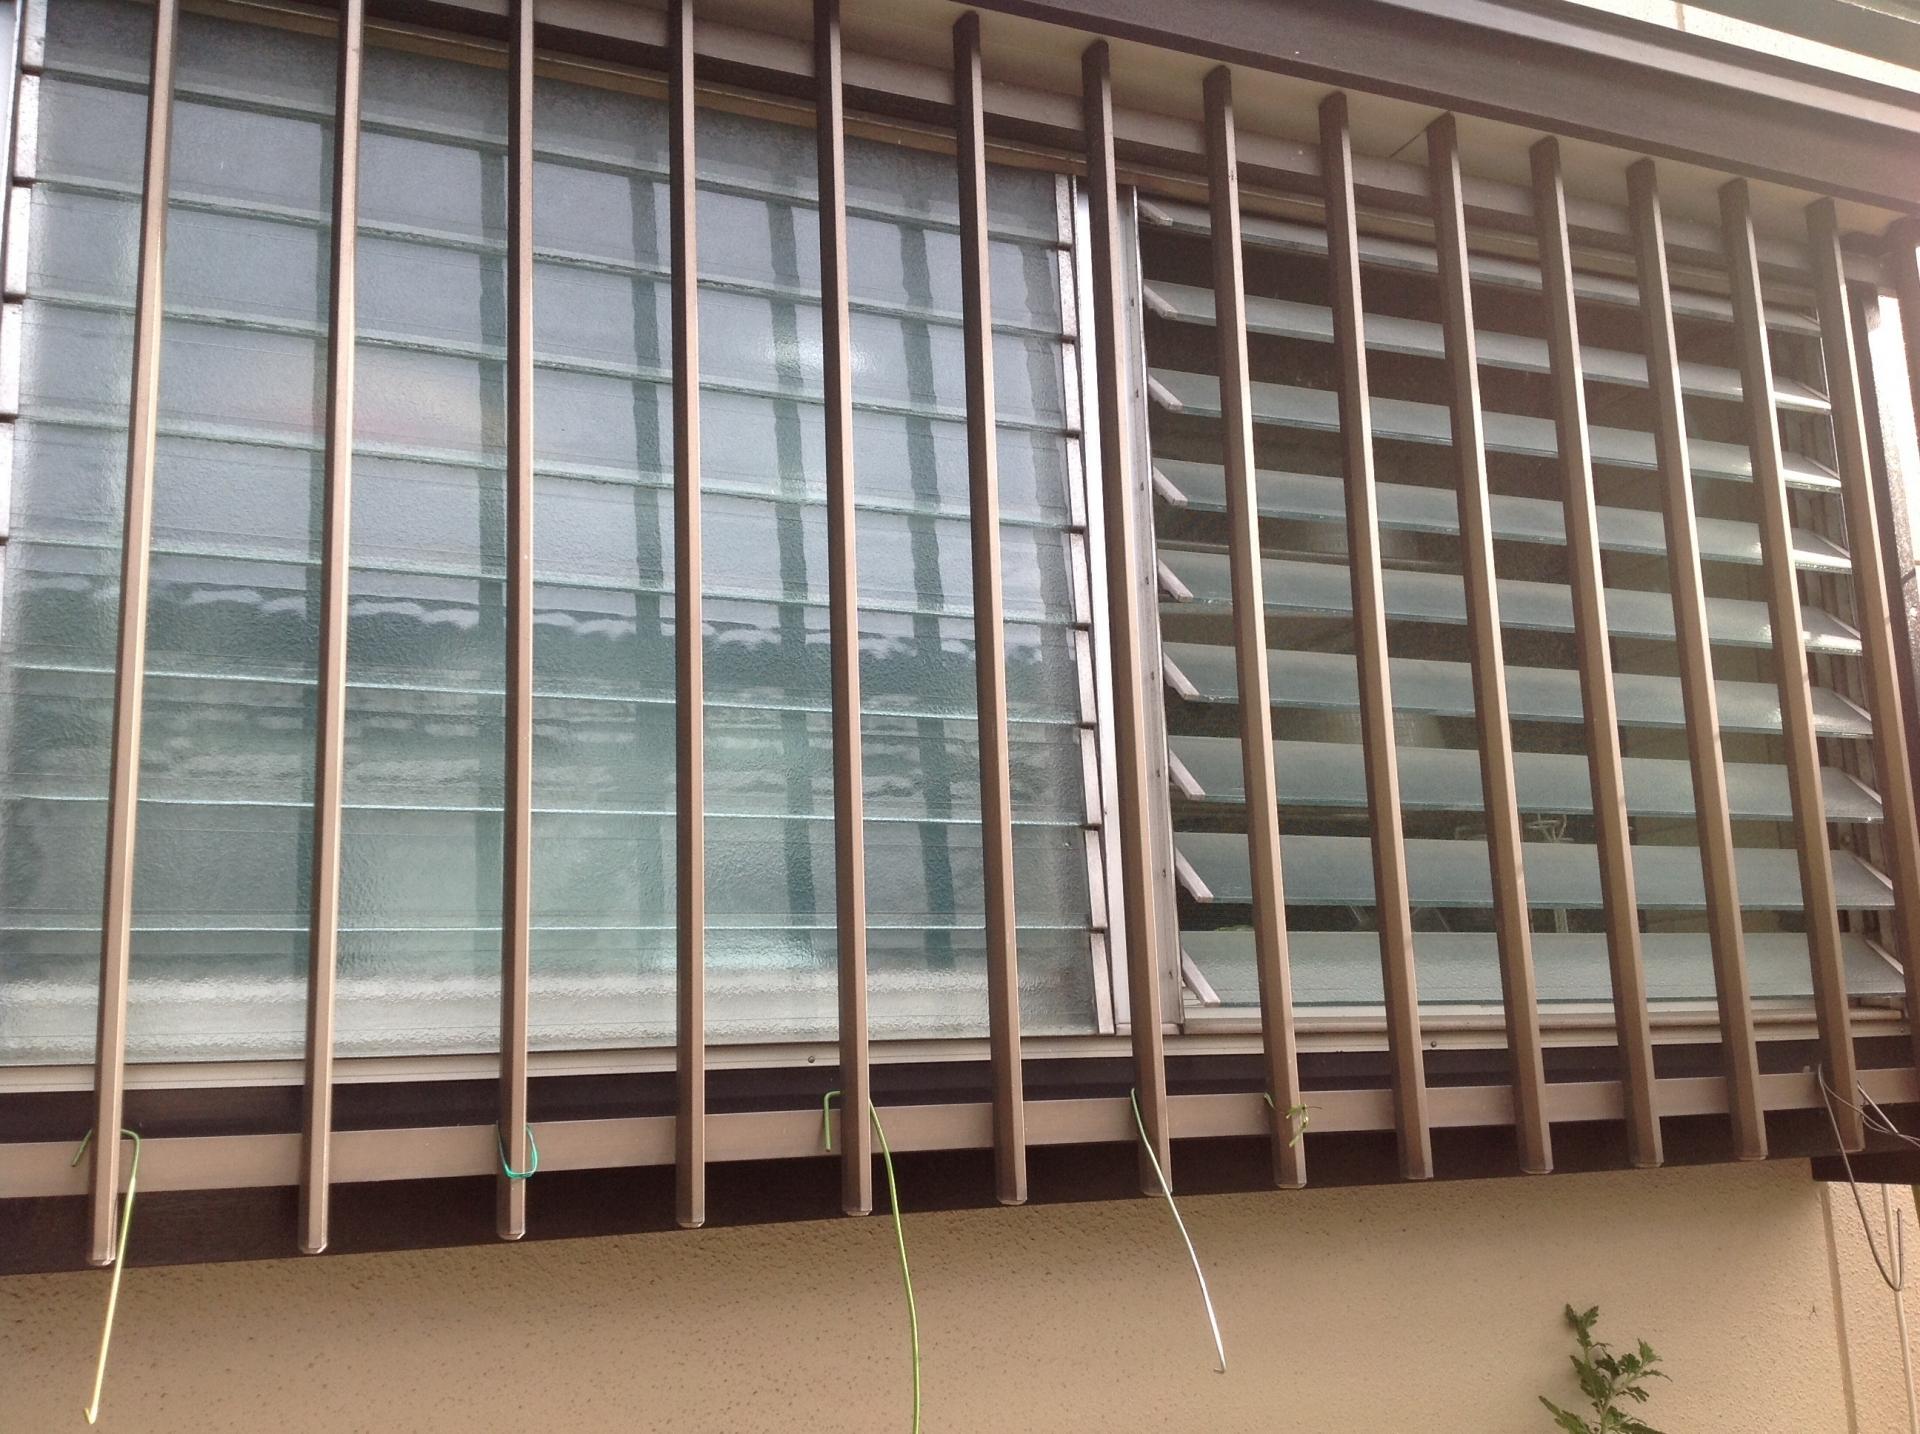 面格子は窓からの防犯対策の基本です